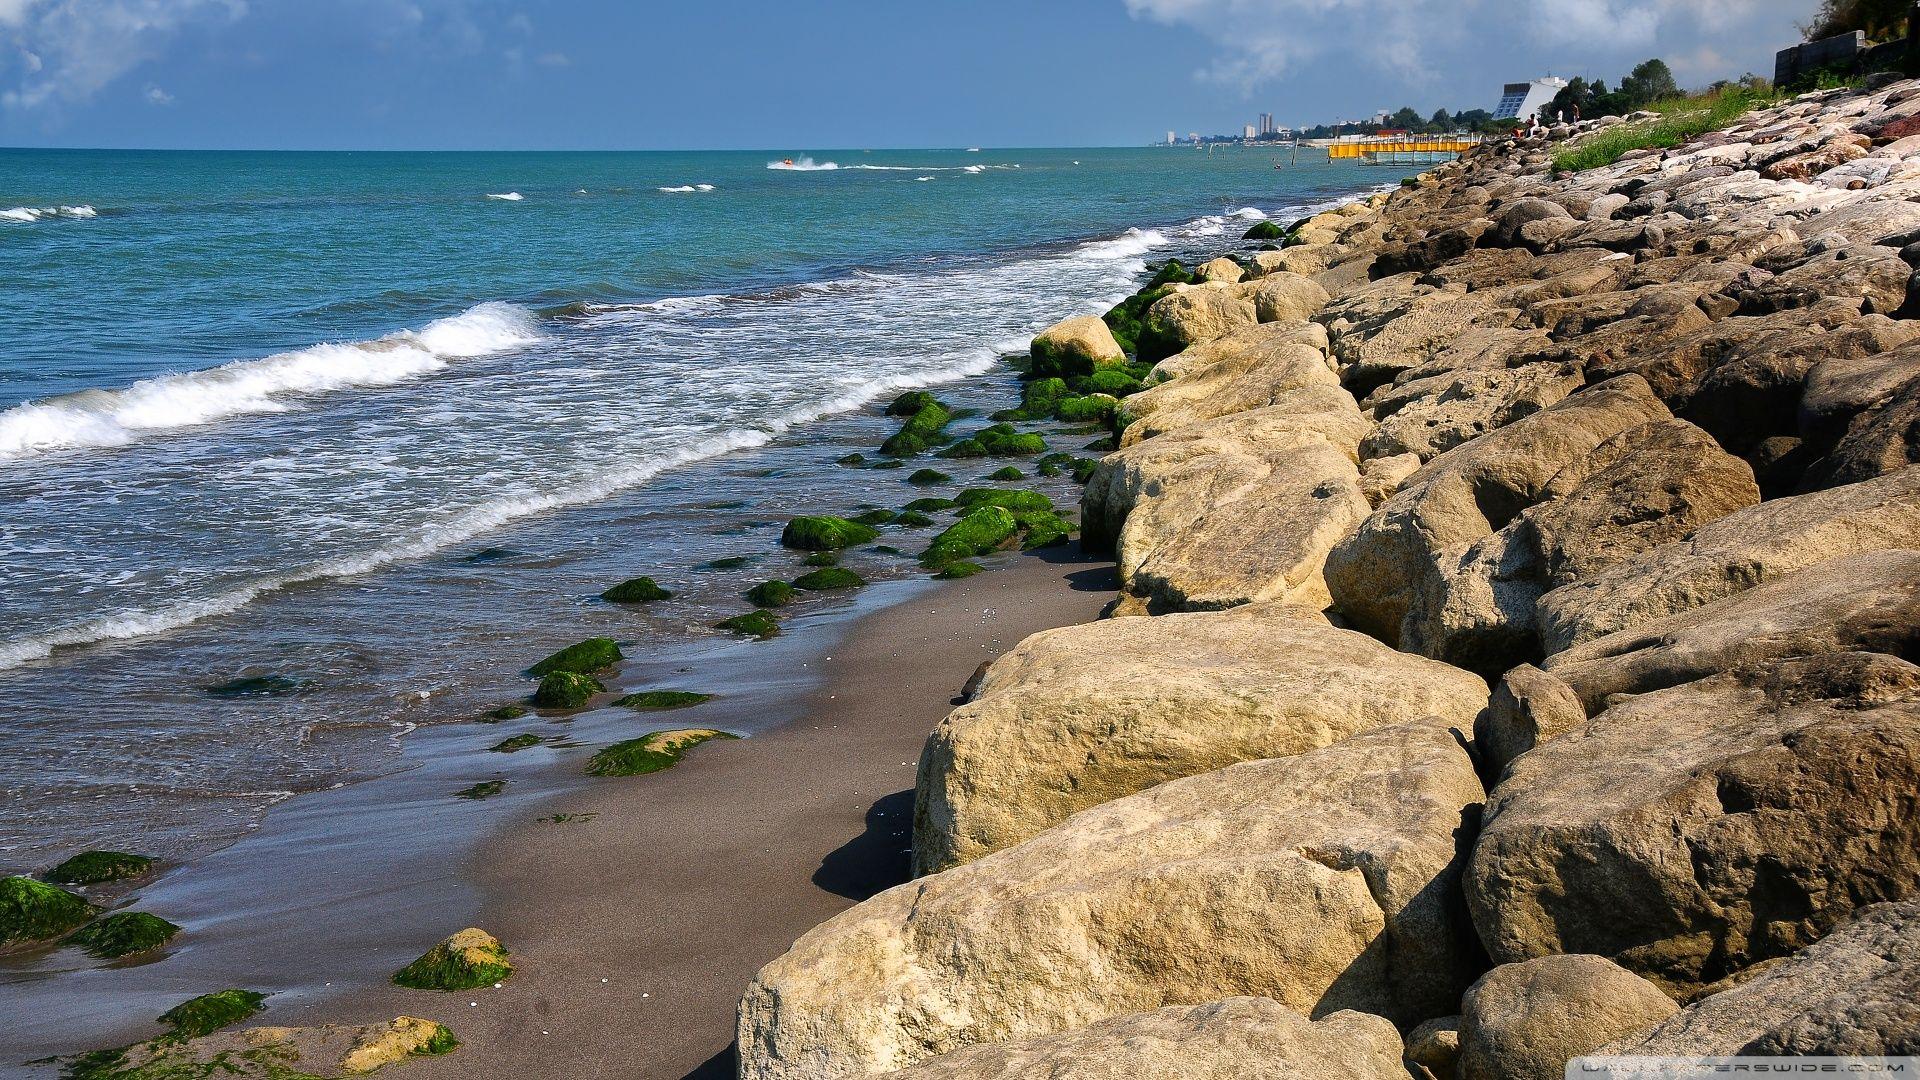 Playa rocosa.